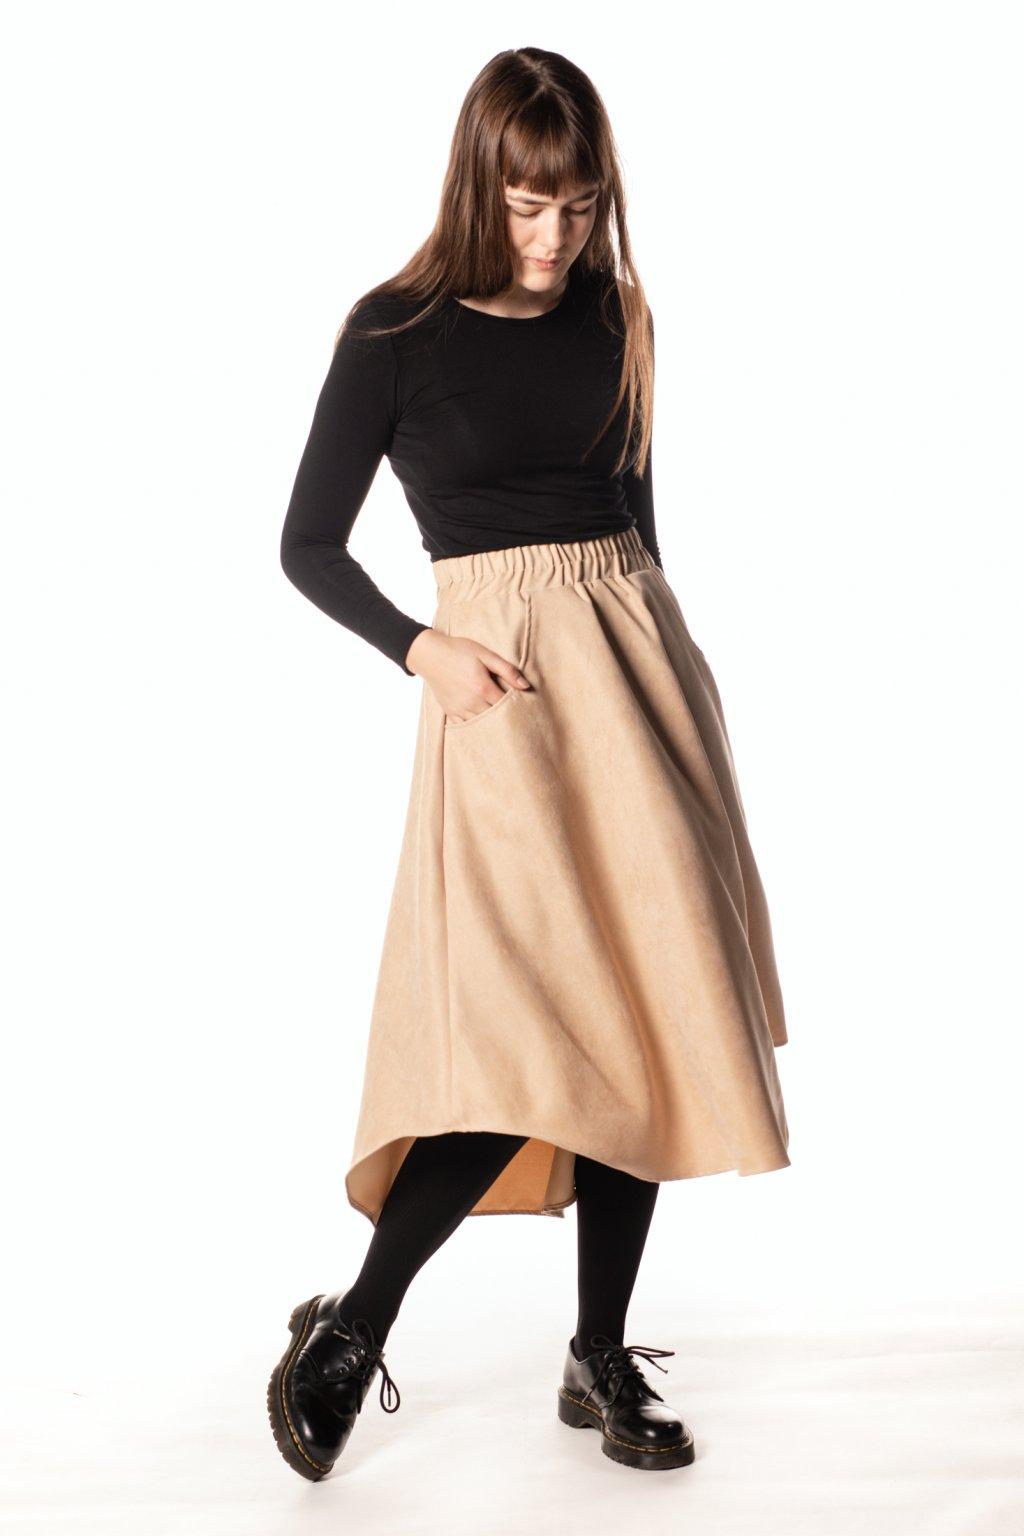 BÉŽOVÁ asymetrická sukně (manšestr jemný)